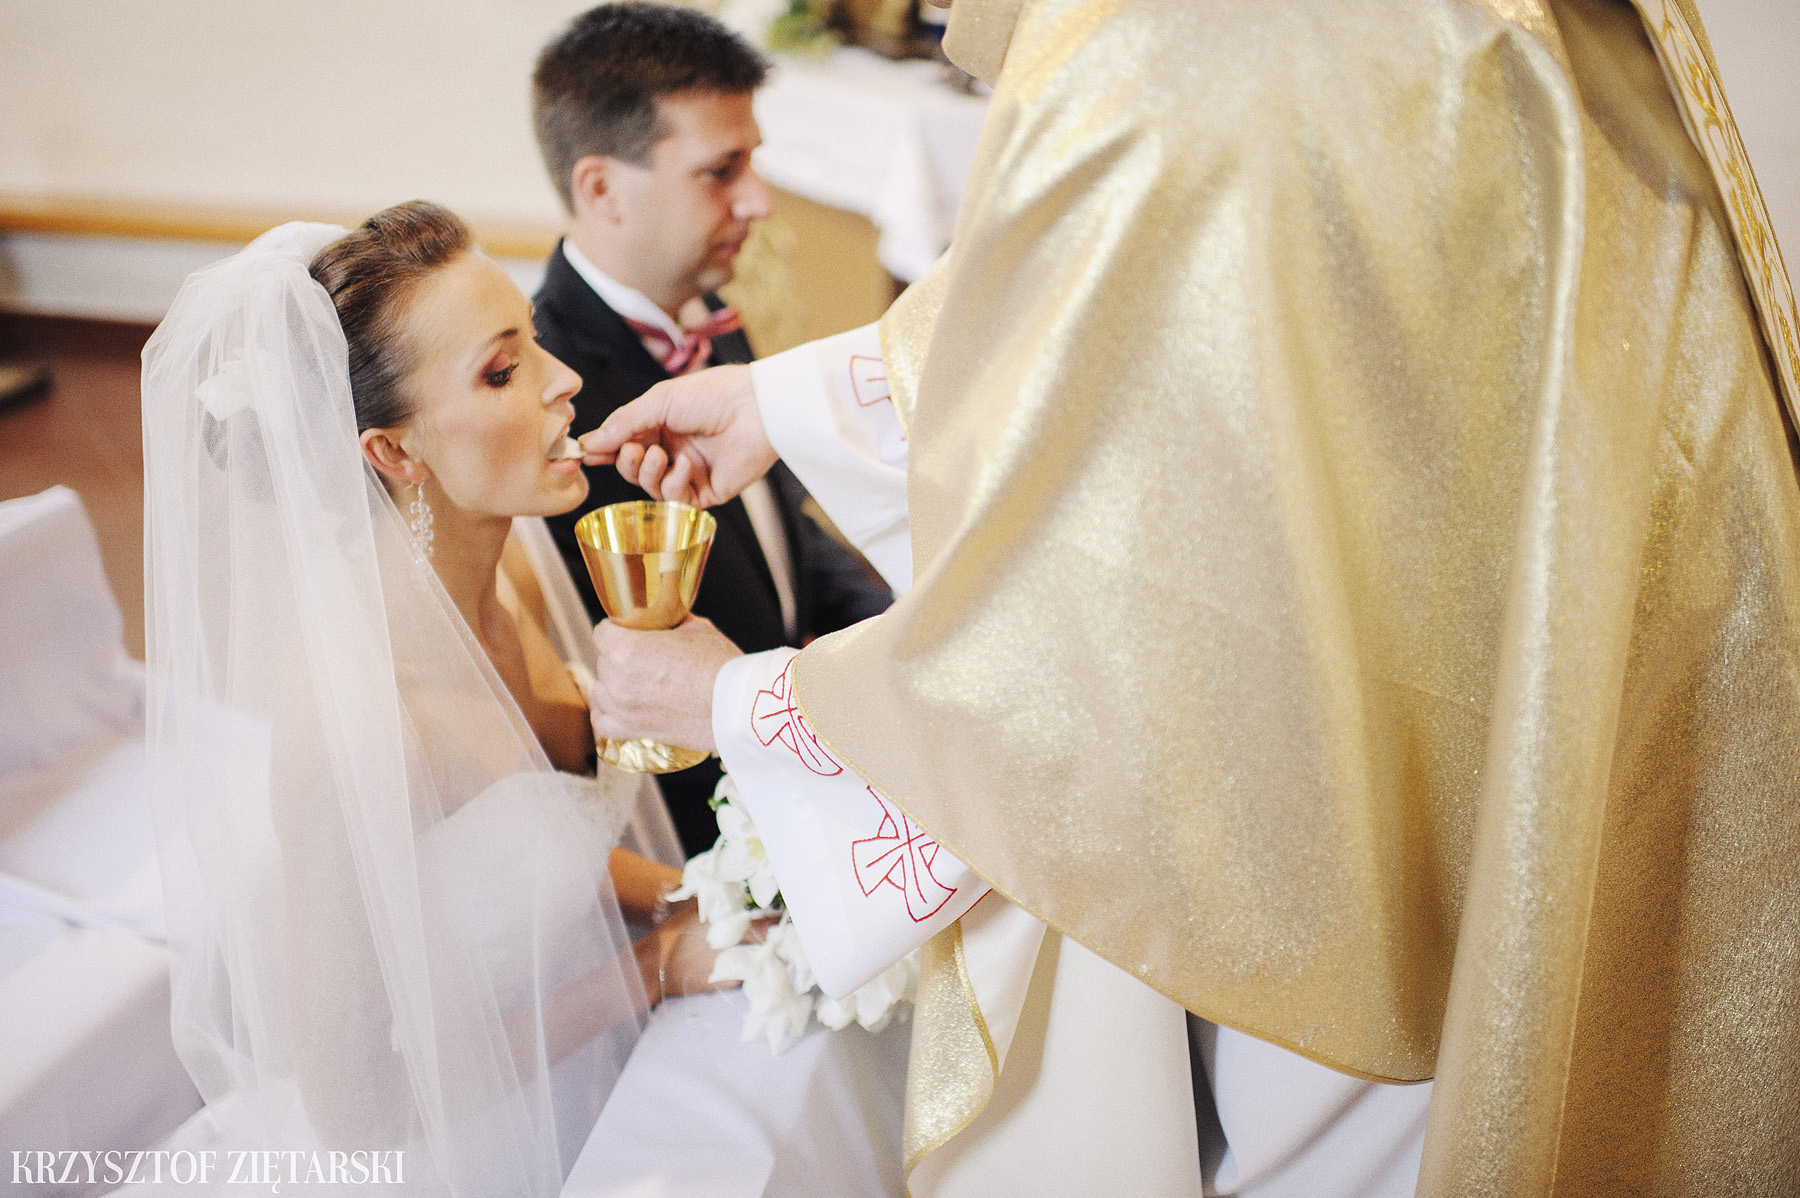 Karolina i Jacek - Fotografia ślubna Gdańsk, Chwaszczyno, Gościniec dla Przyjaciół Wyczechowo Hilary - 14.